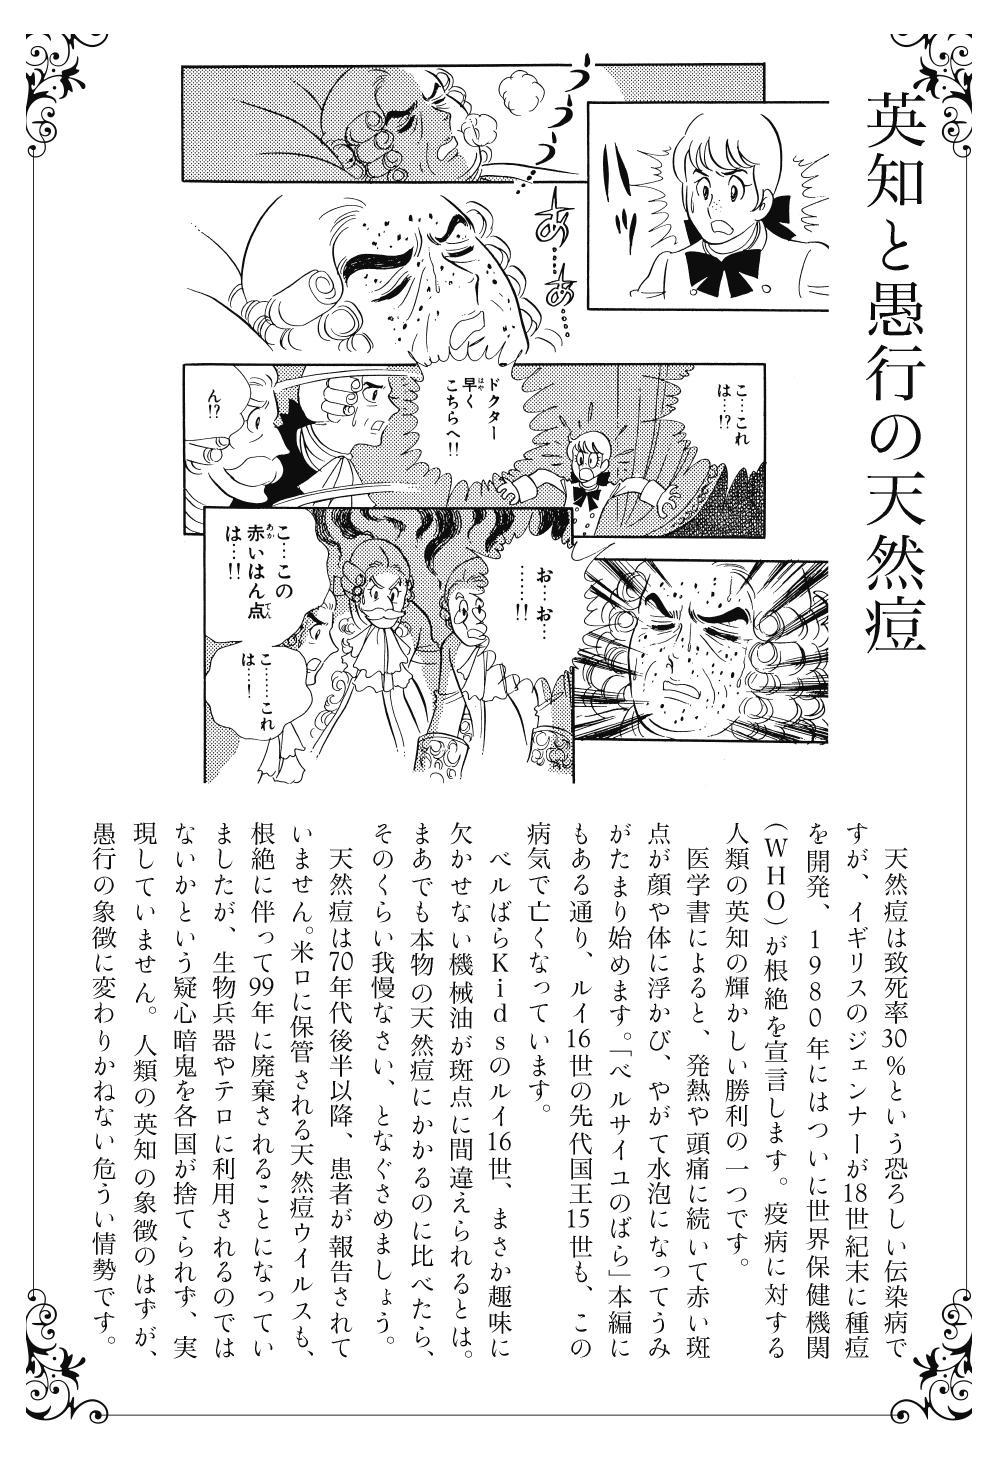 ベルばら 22-01.jpg